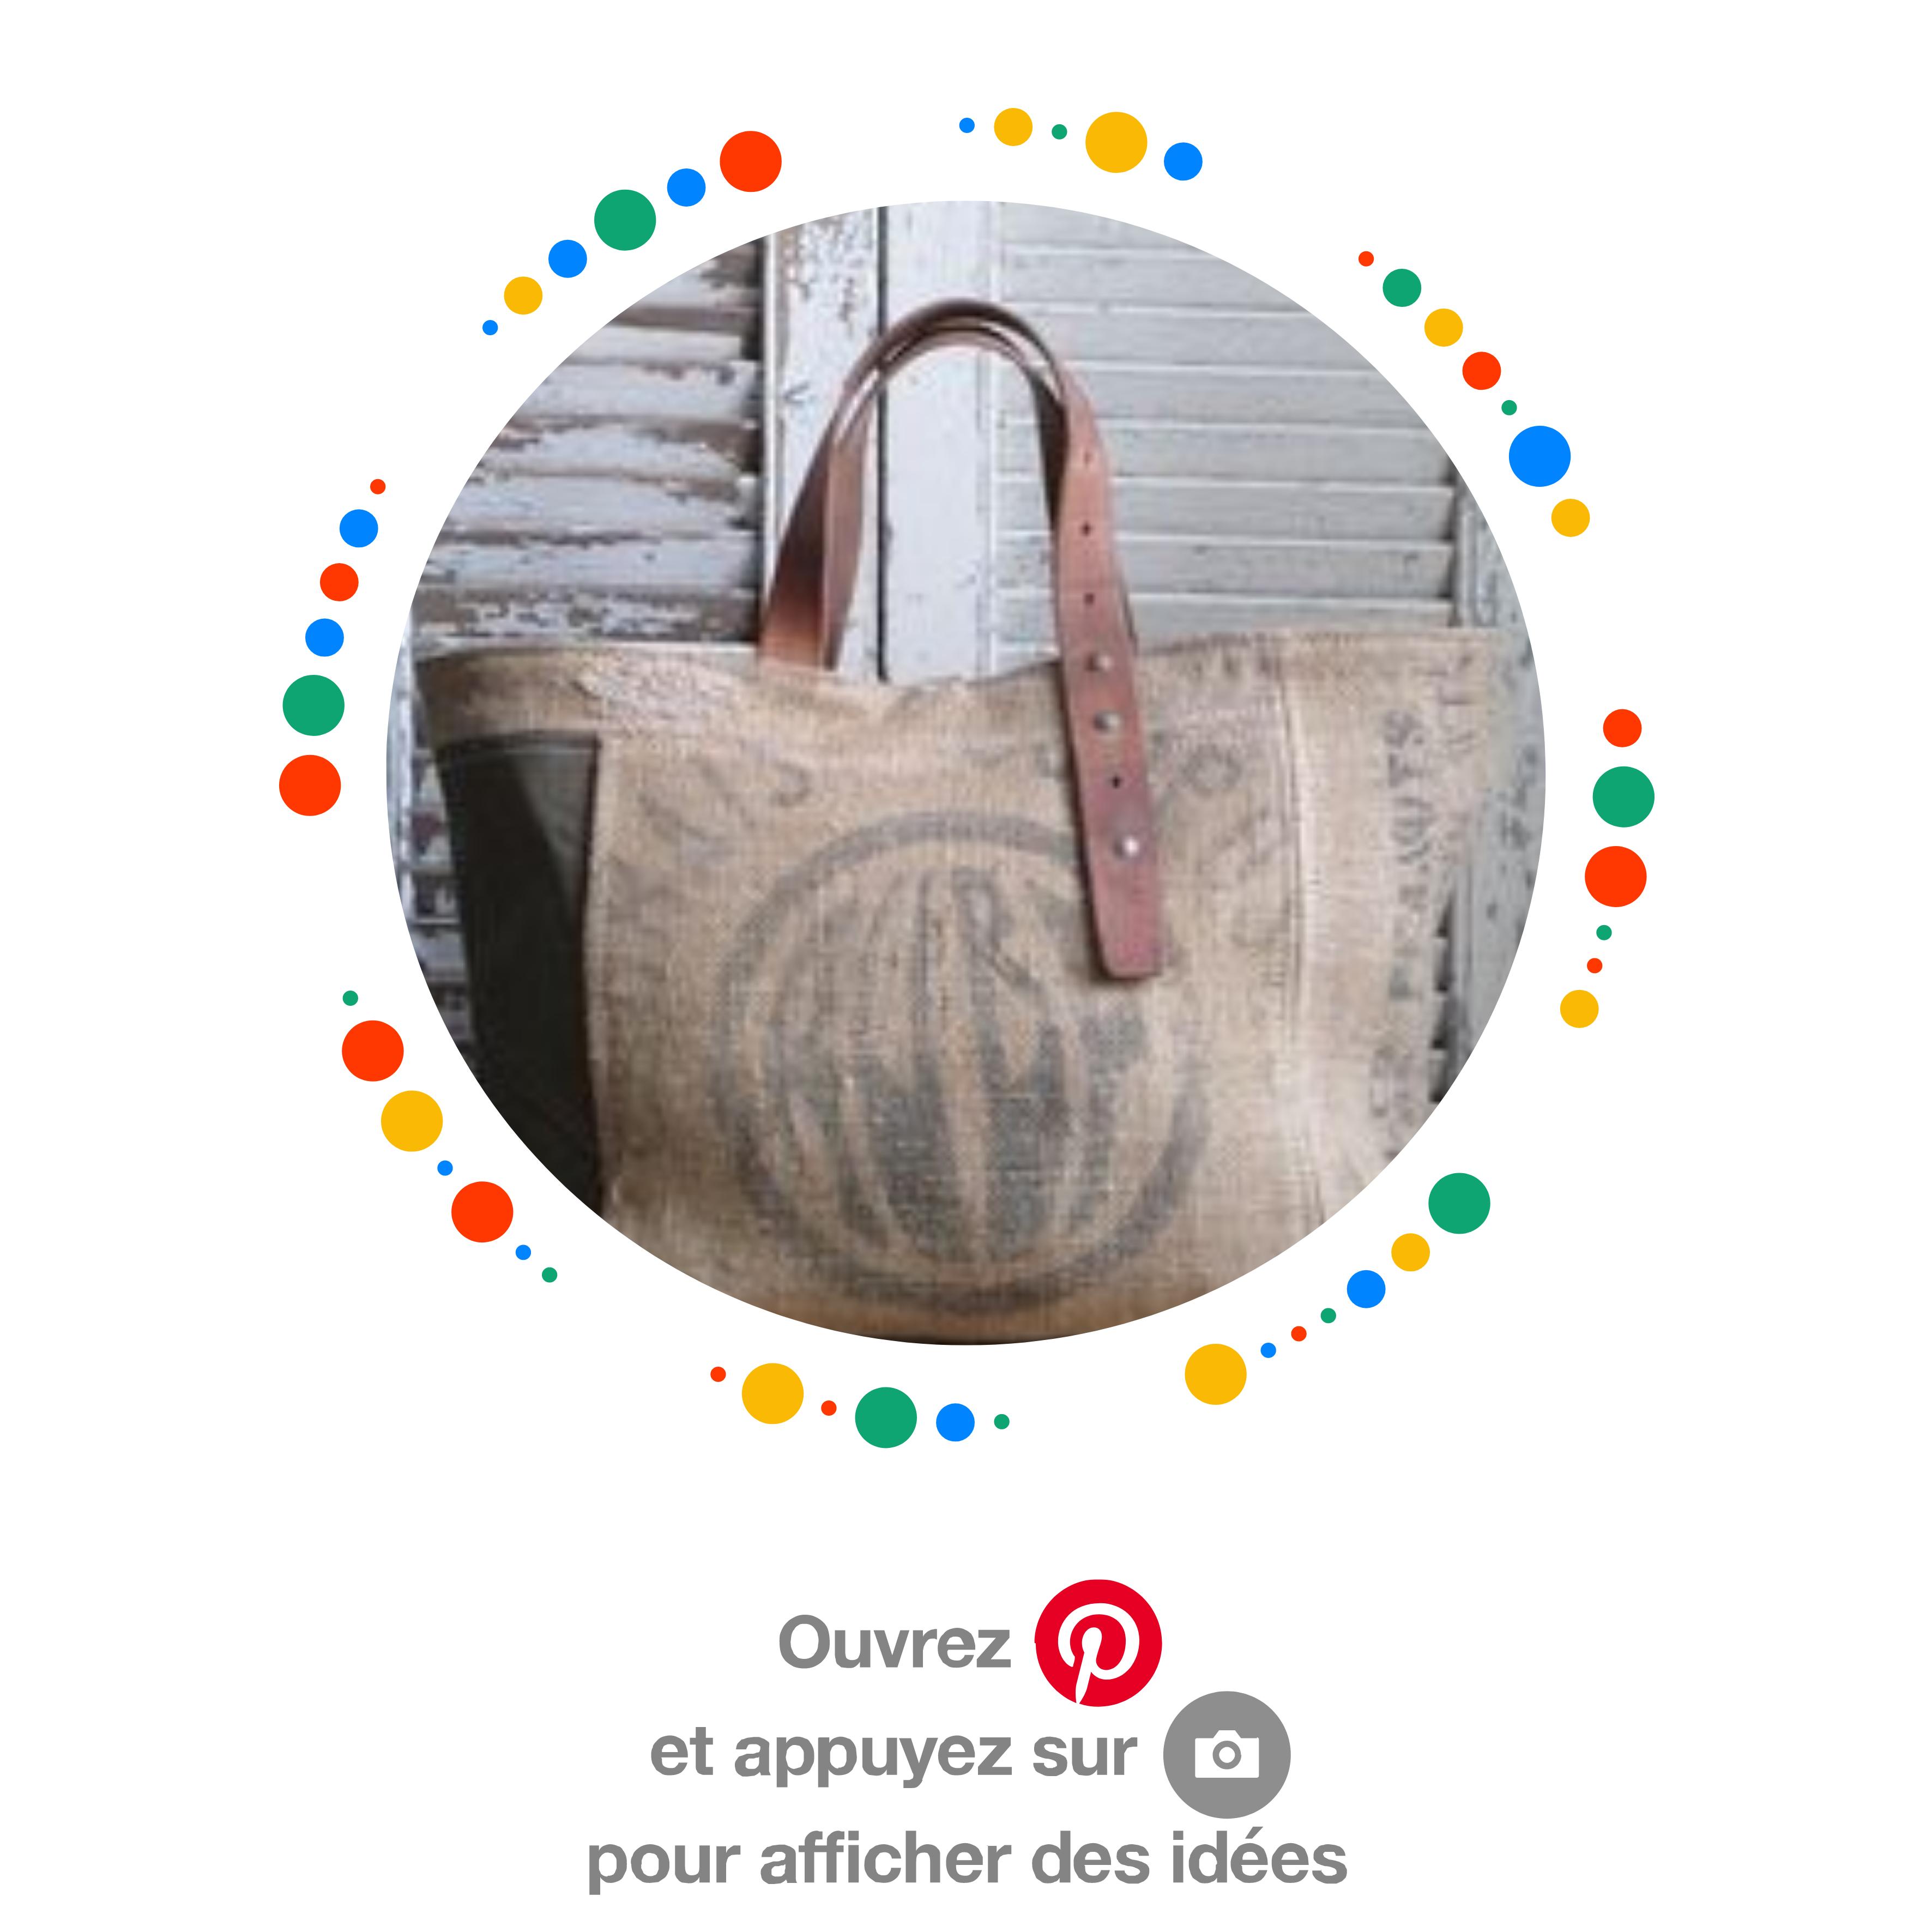 Idée déco ou utilisation avec un vieux sac en toile de jute